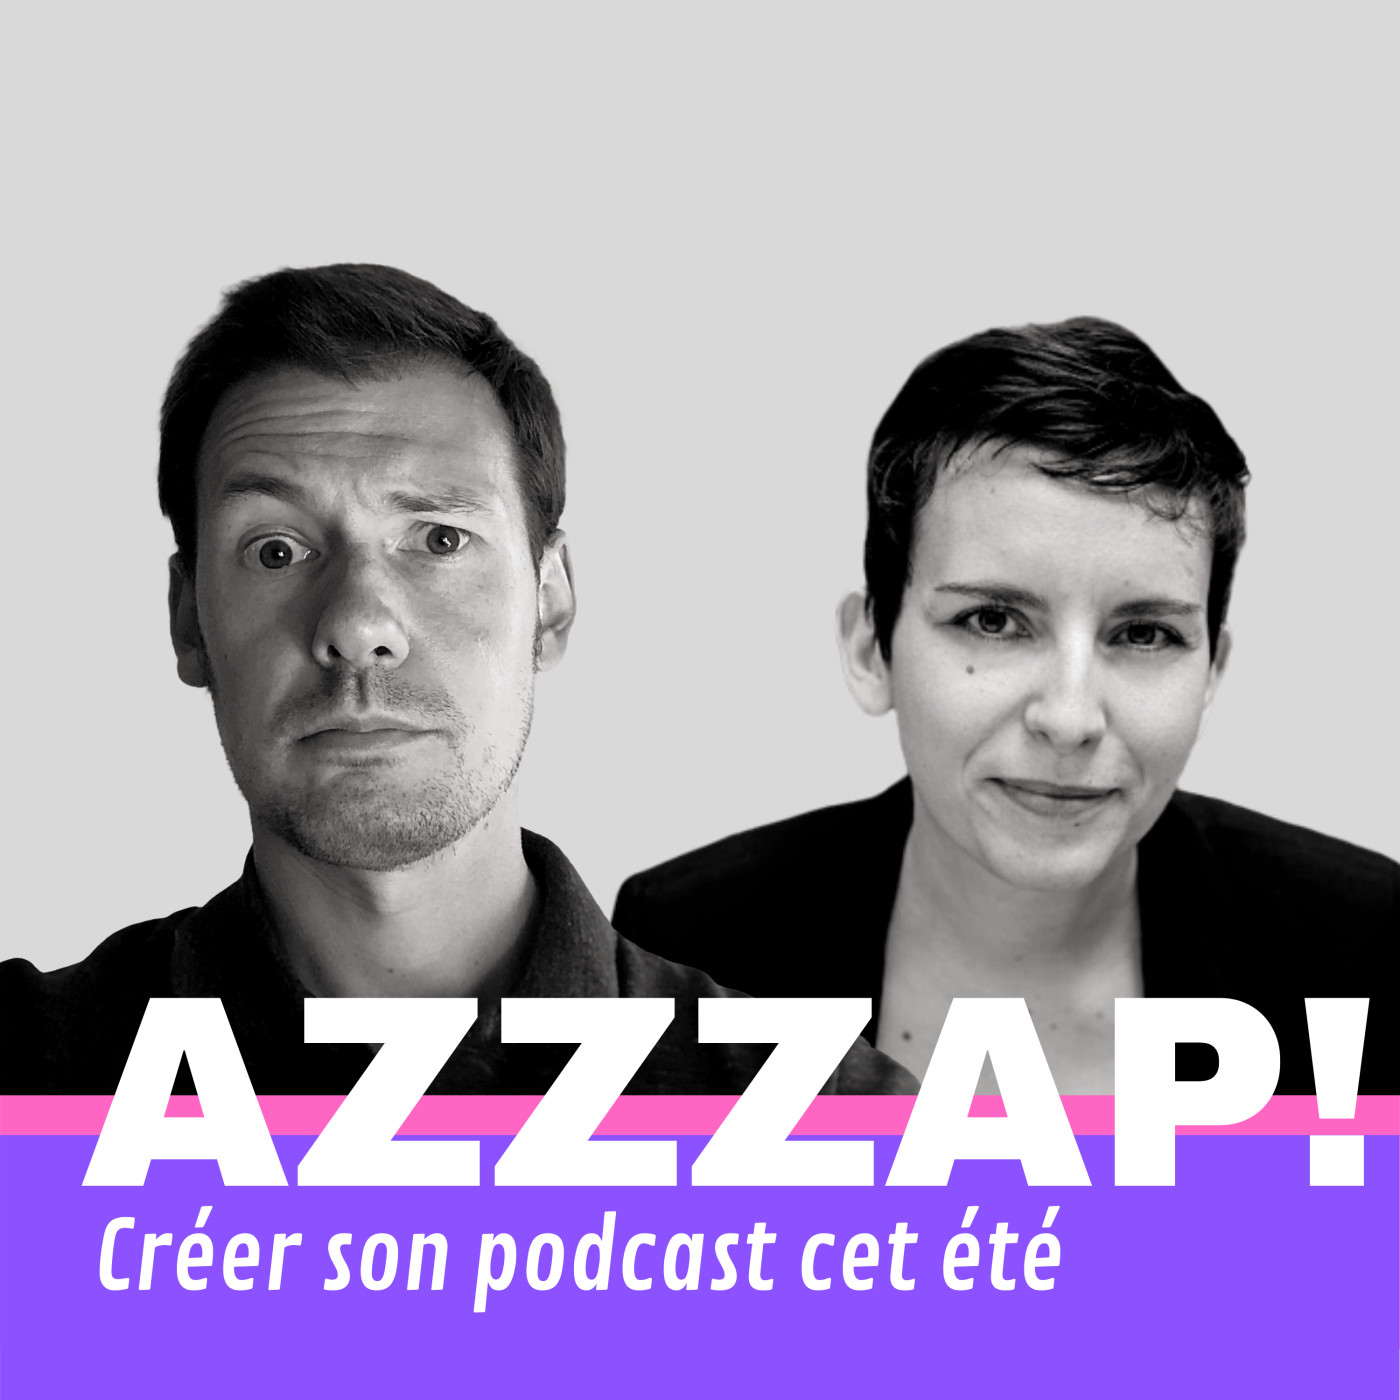 Le blog - on vous explique comment monter un podcast